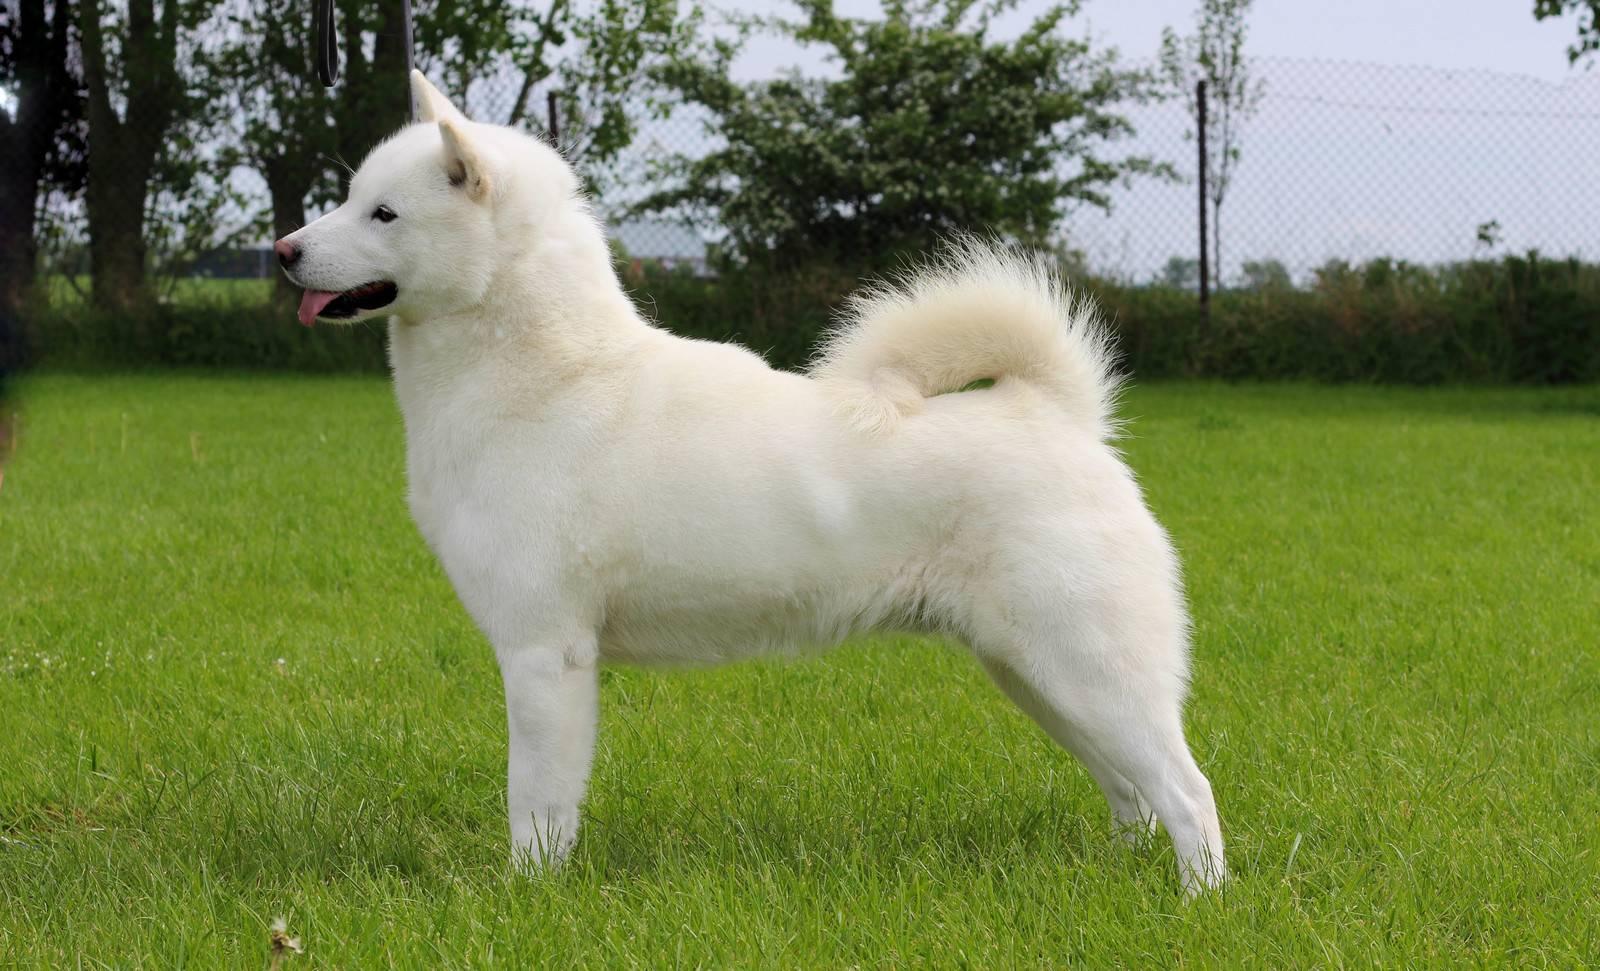 Японская акита-ину: характеристика и стандарт породы, фото белой, черной и других